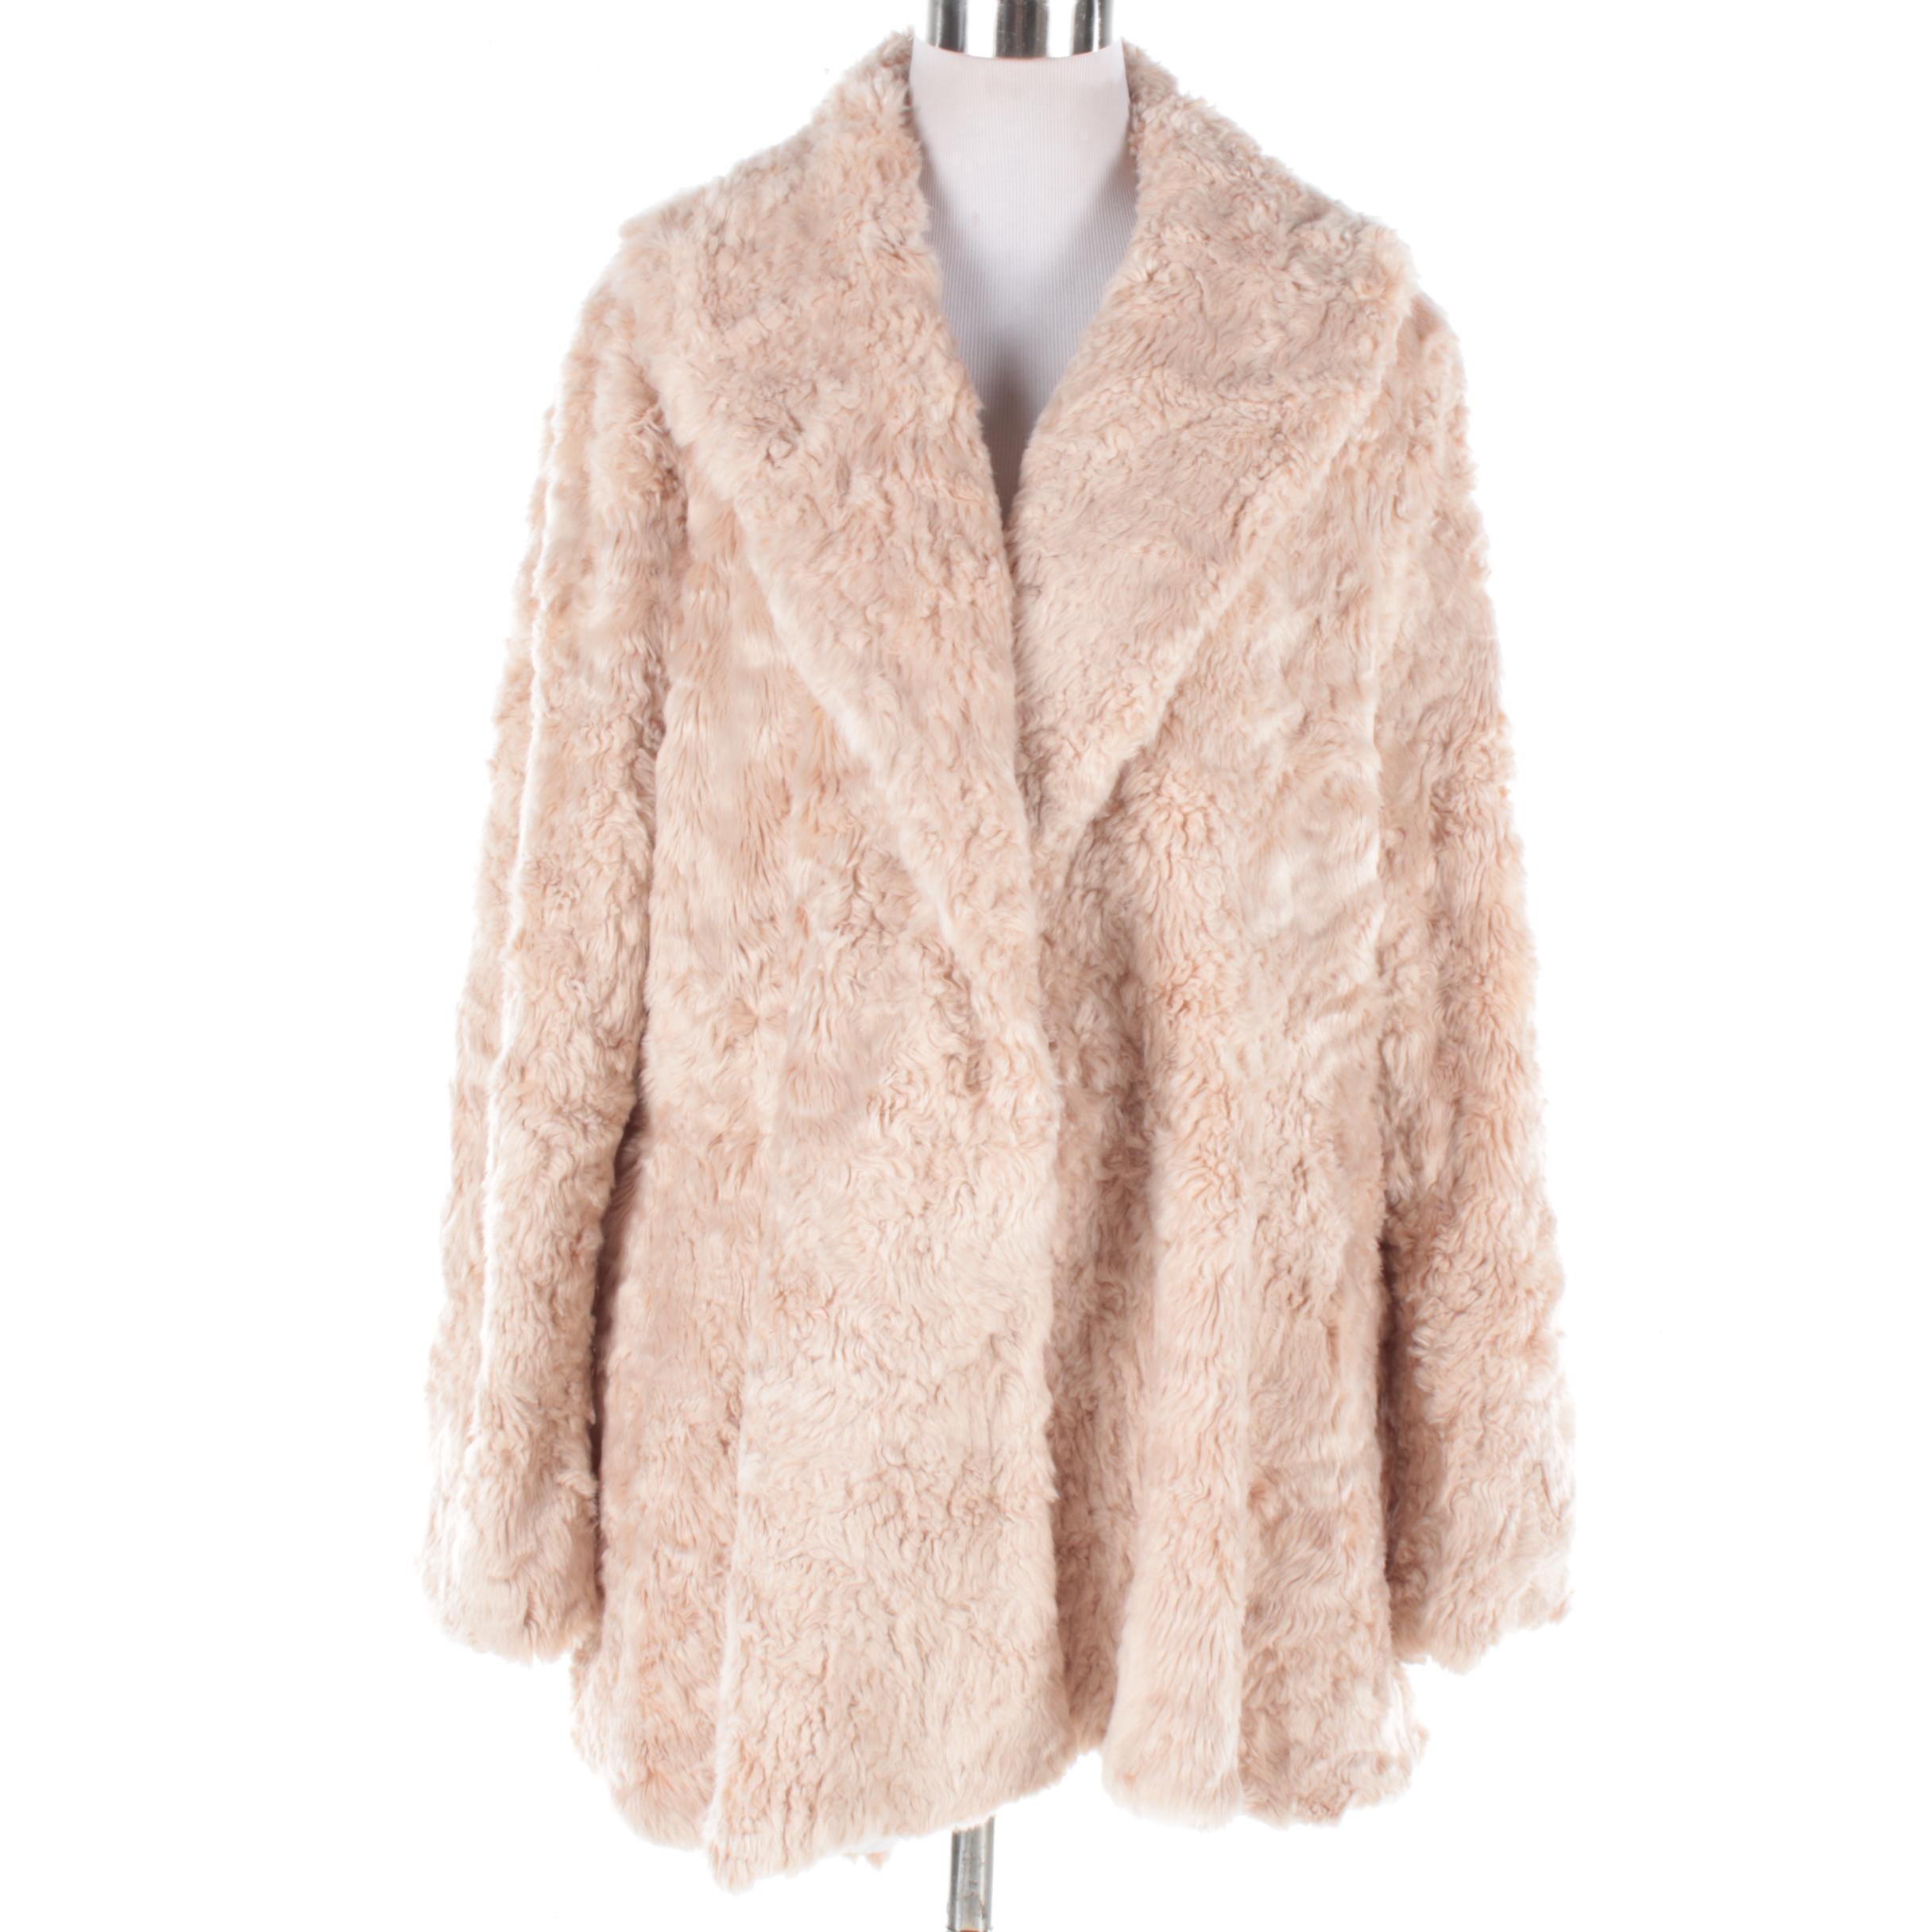 Luii Light Tan Faux Fur Coat with Shawl Collar